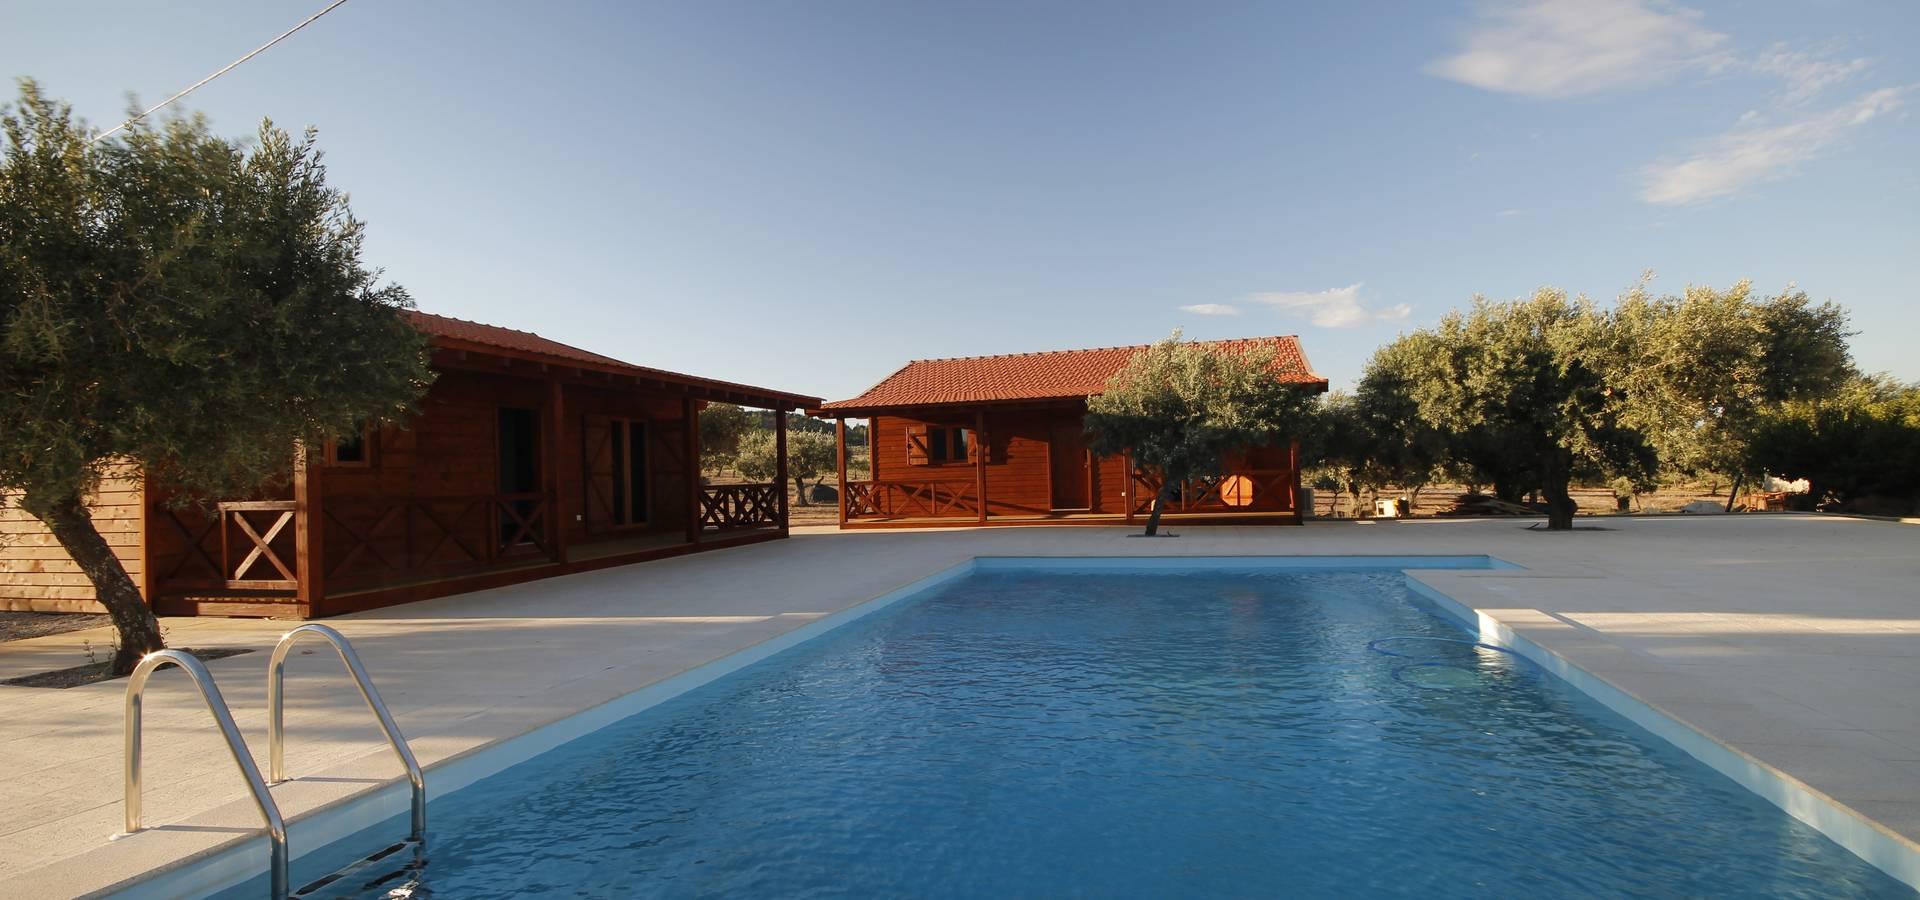 Ecositana casas de madeira portugal construtores em - Casas de madera en portugal ...